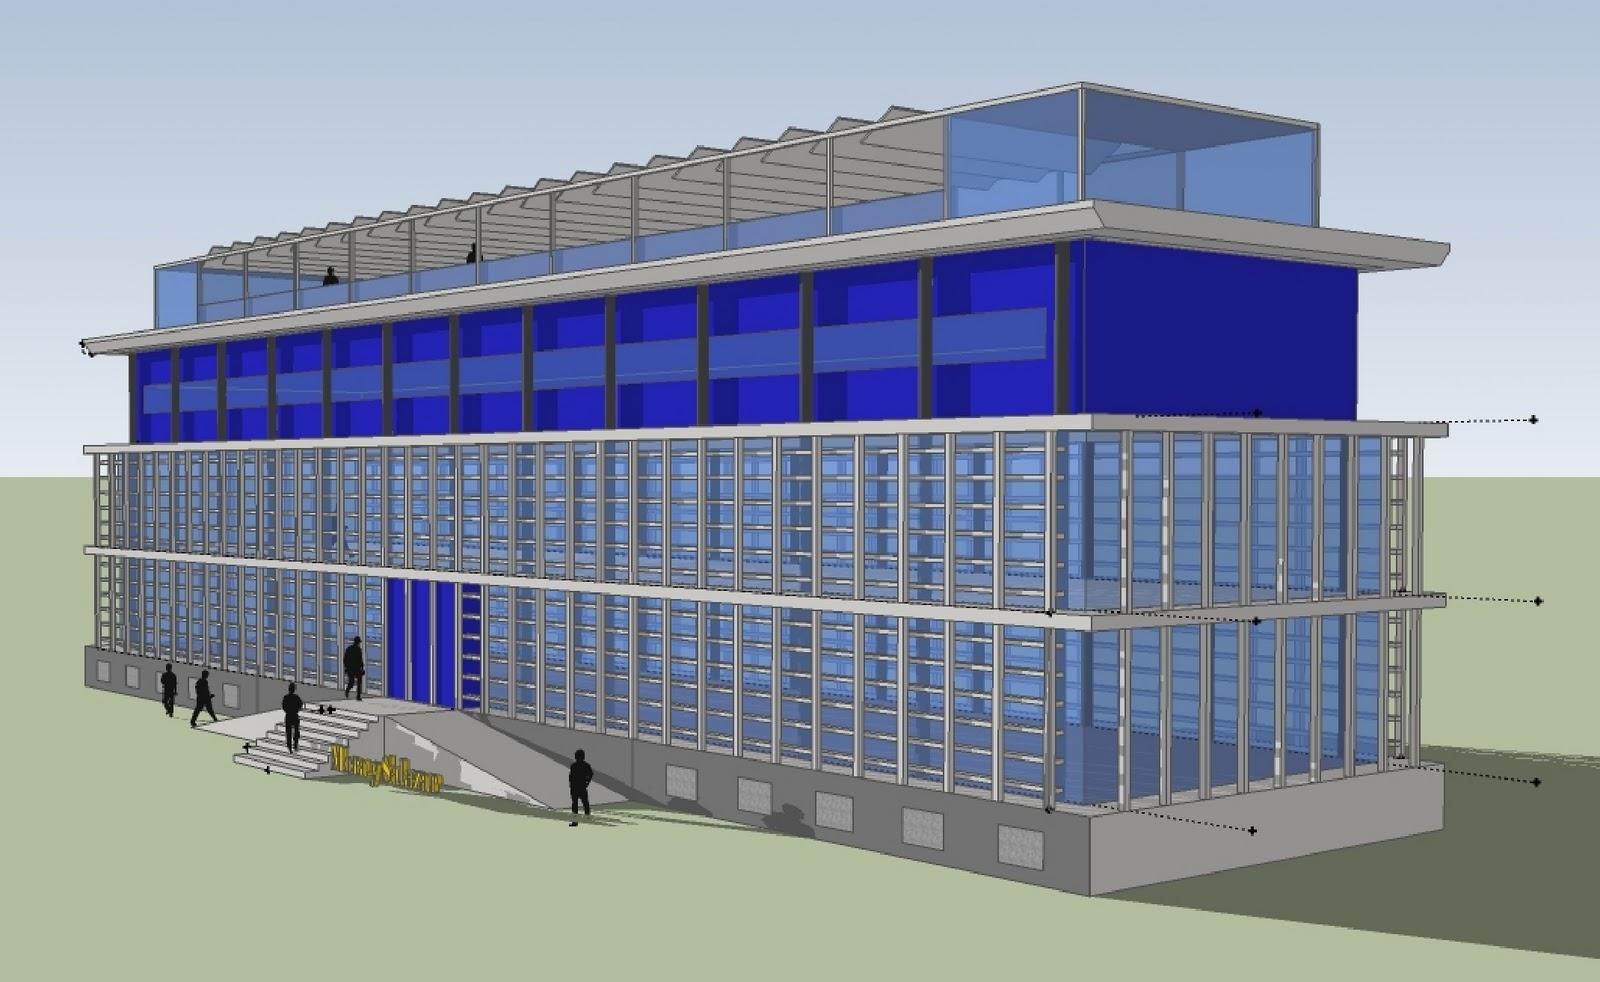 Arquisurlauro comercial e industrial dise o de edificio for Diseno de edificios